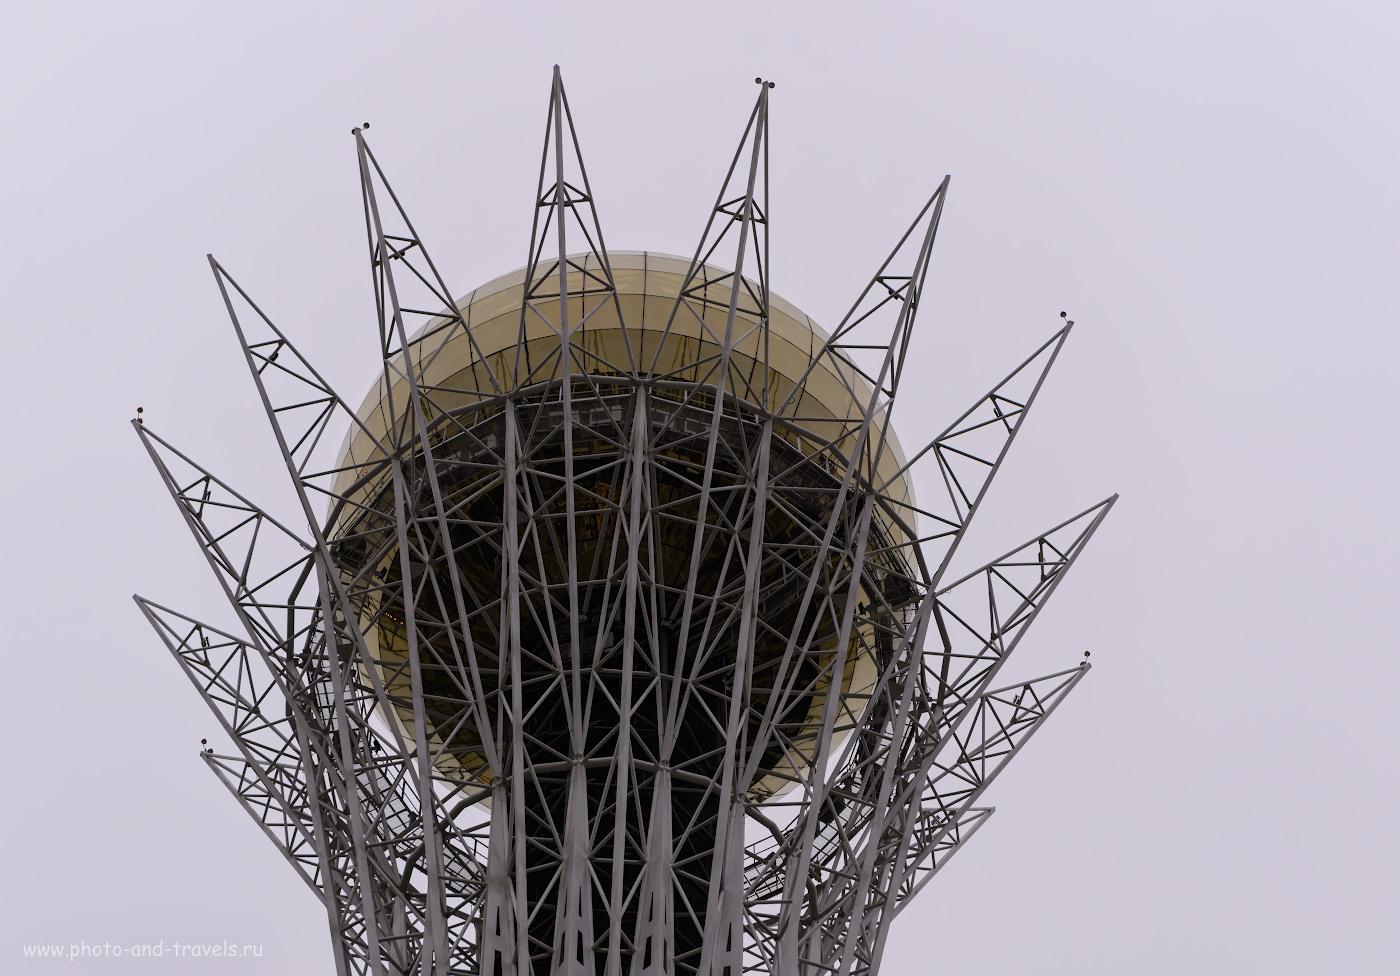 Фото 4. Шар башни «Байтерек» в Астане. Интересные места, которые можно посетить в столице Казахстана за полдня. 1/125, 4.0, 220, 62.